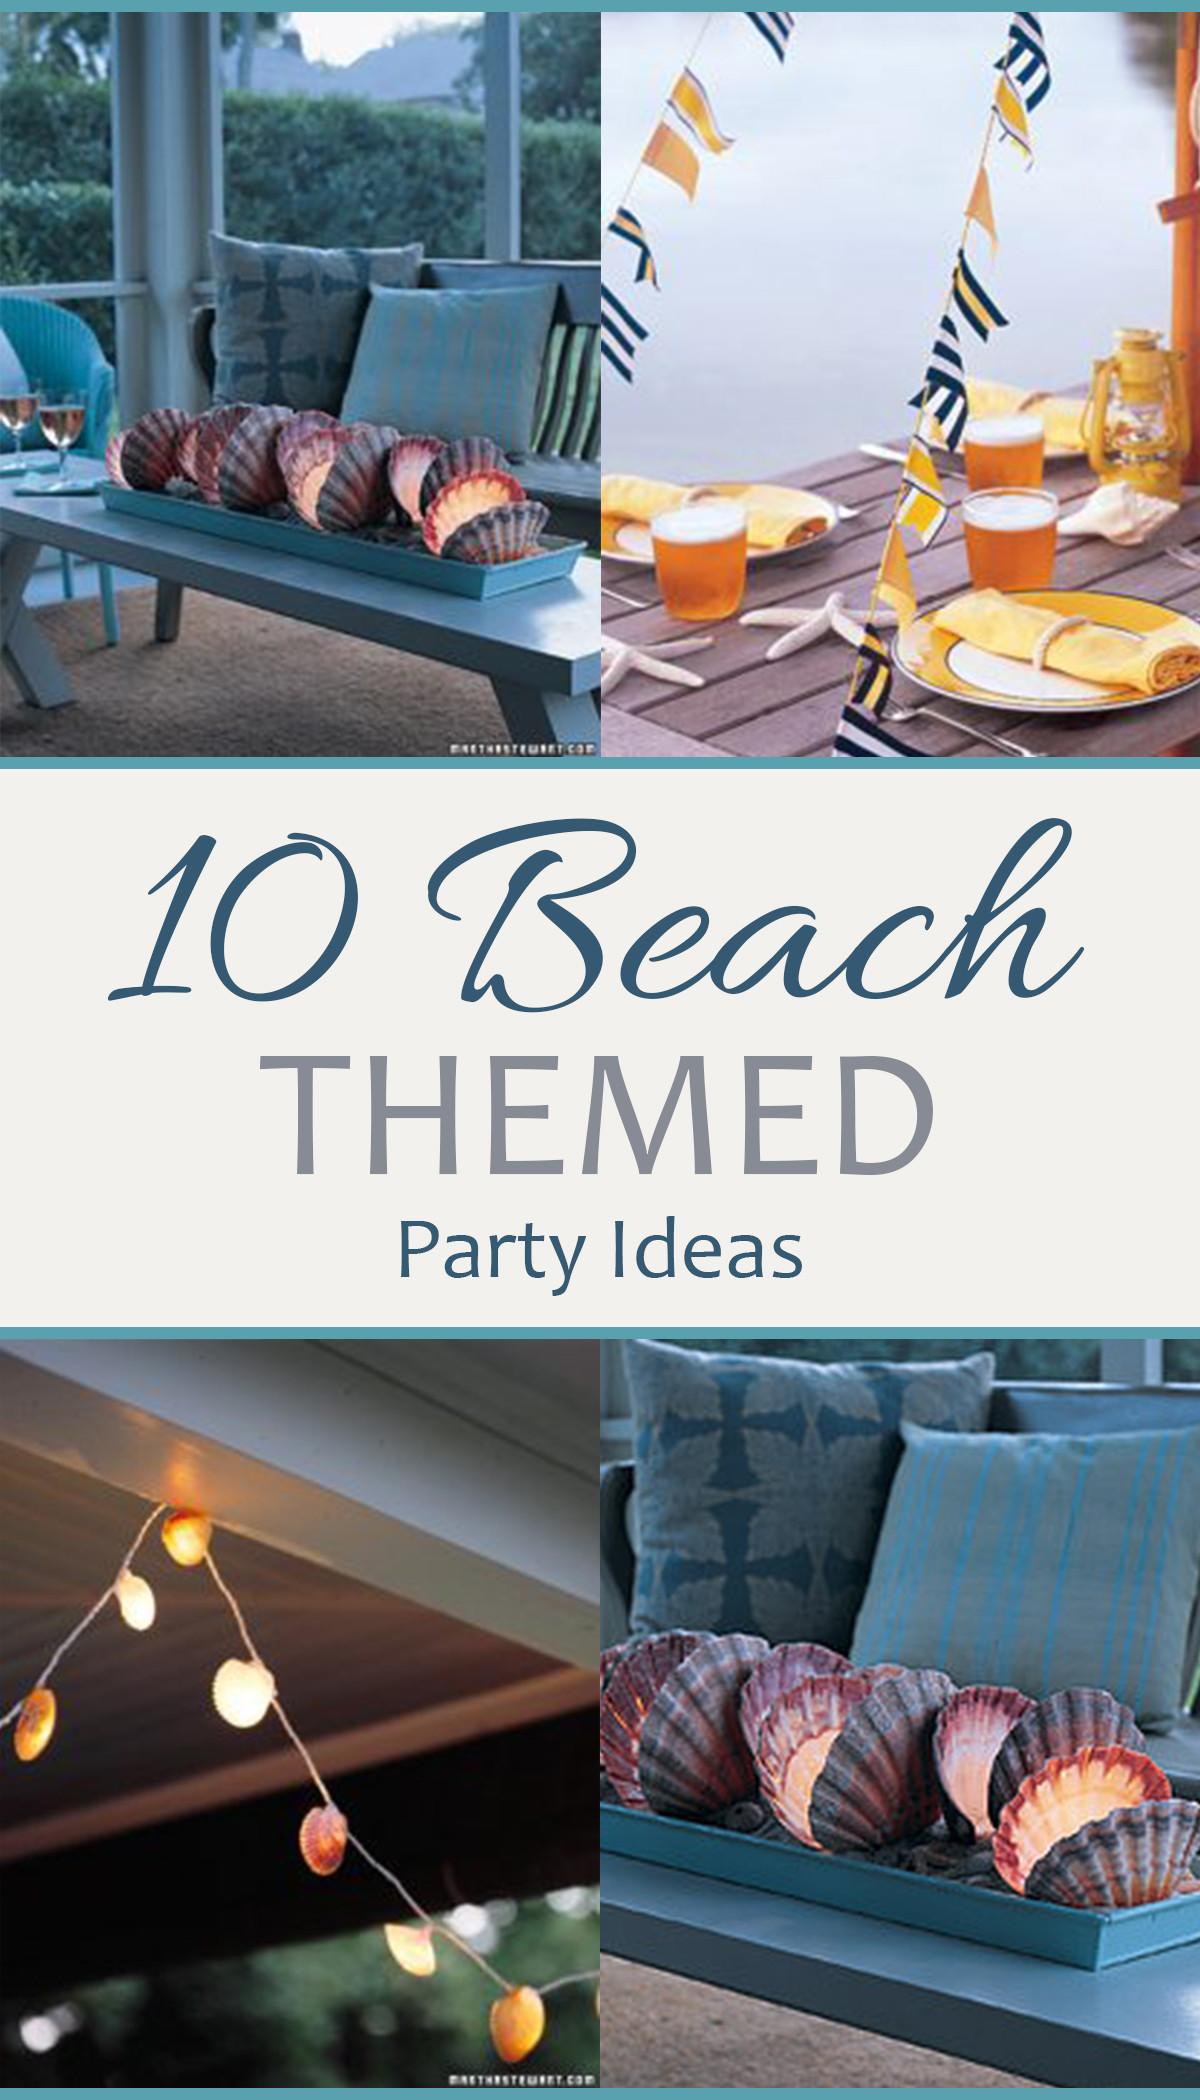 Outdoor Beach Party Ideas  10 Beach Themed Party Ideas